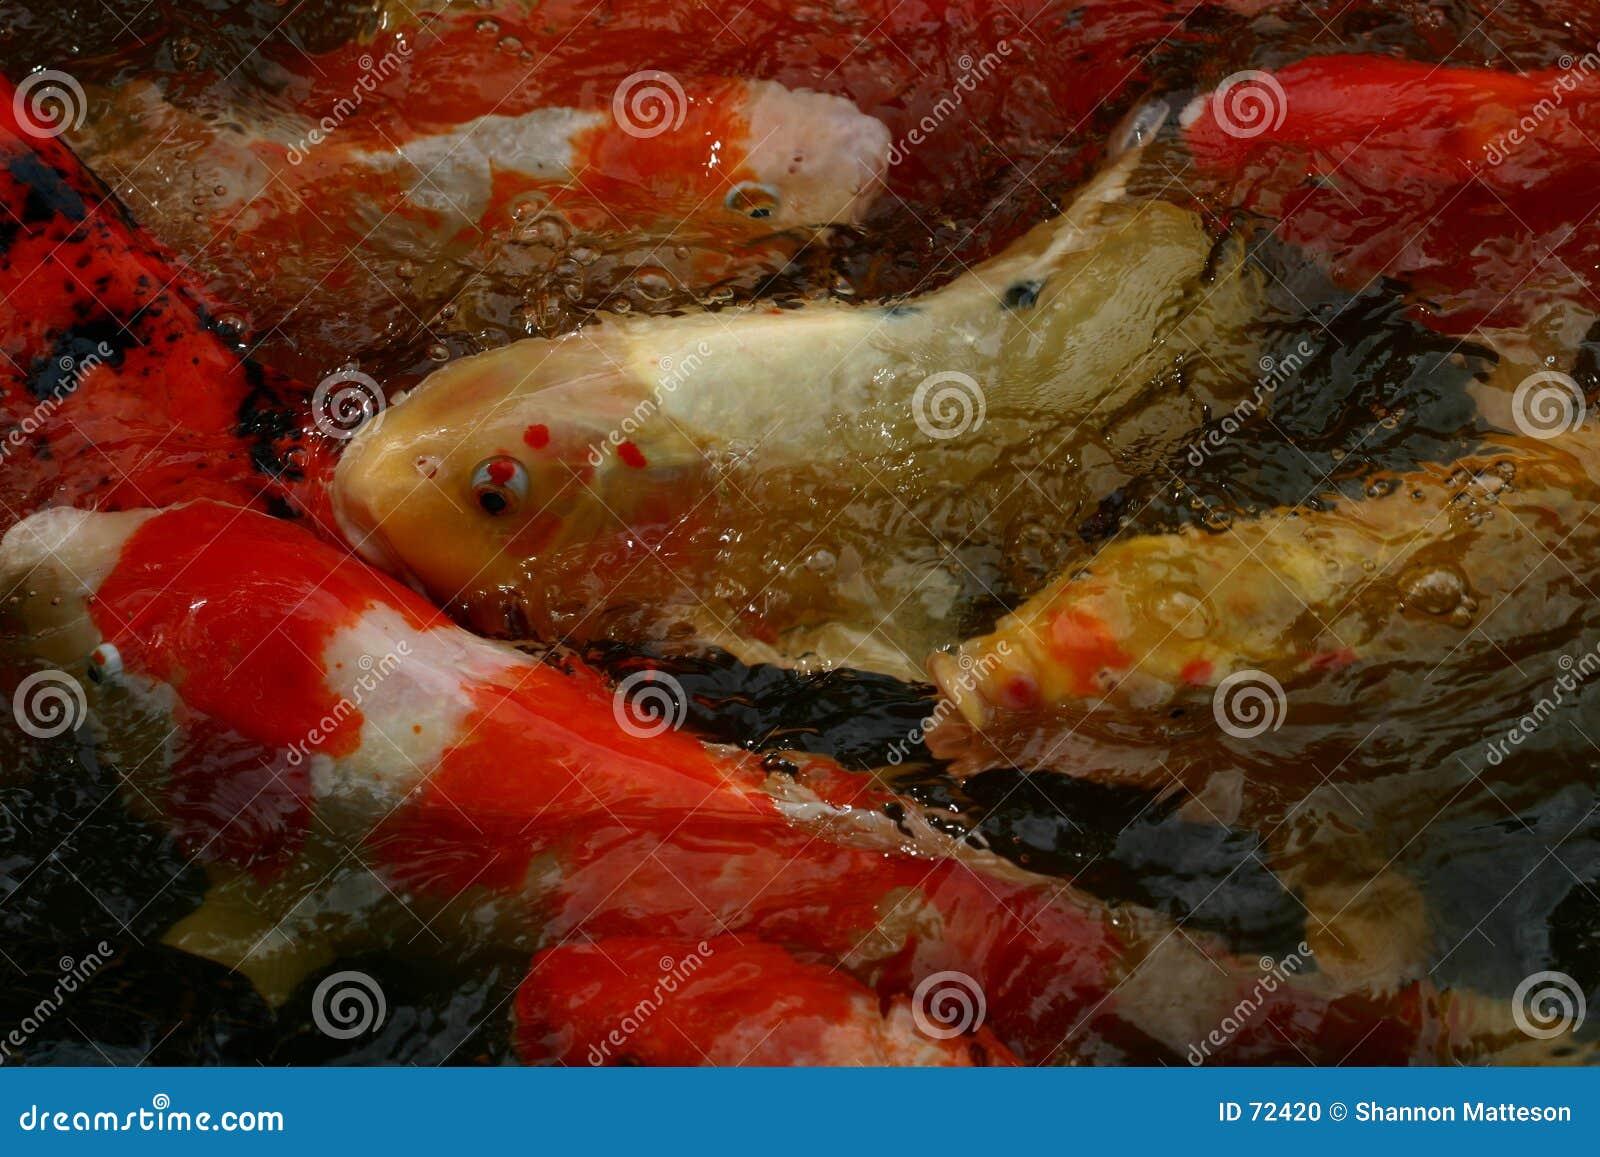 Koi fish stock photo image 72420 for Feeding koi carp